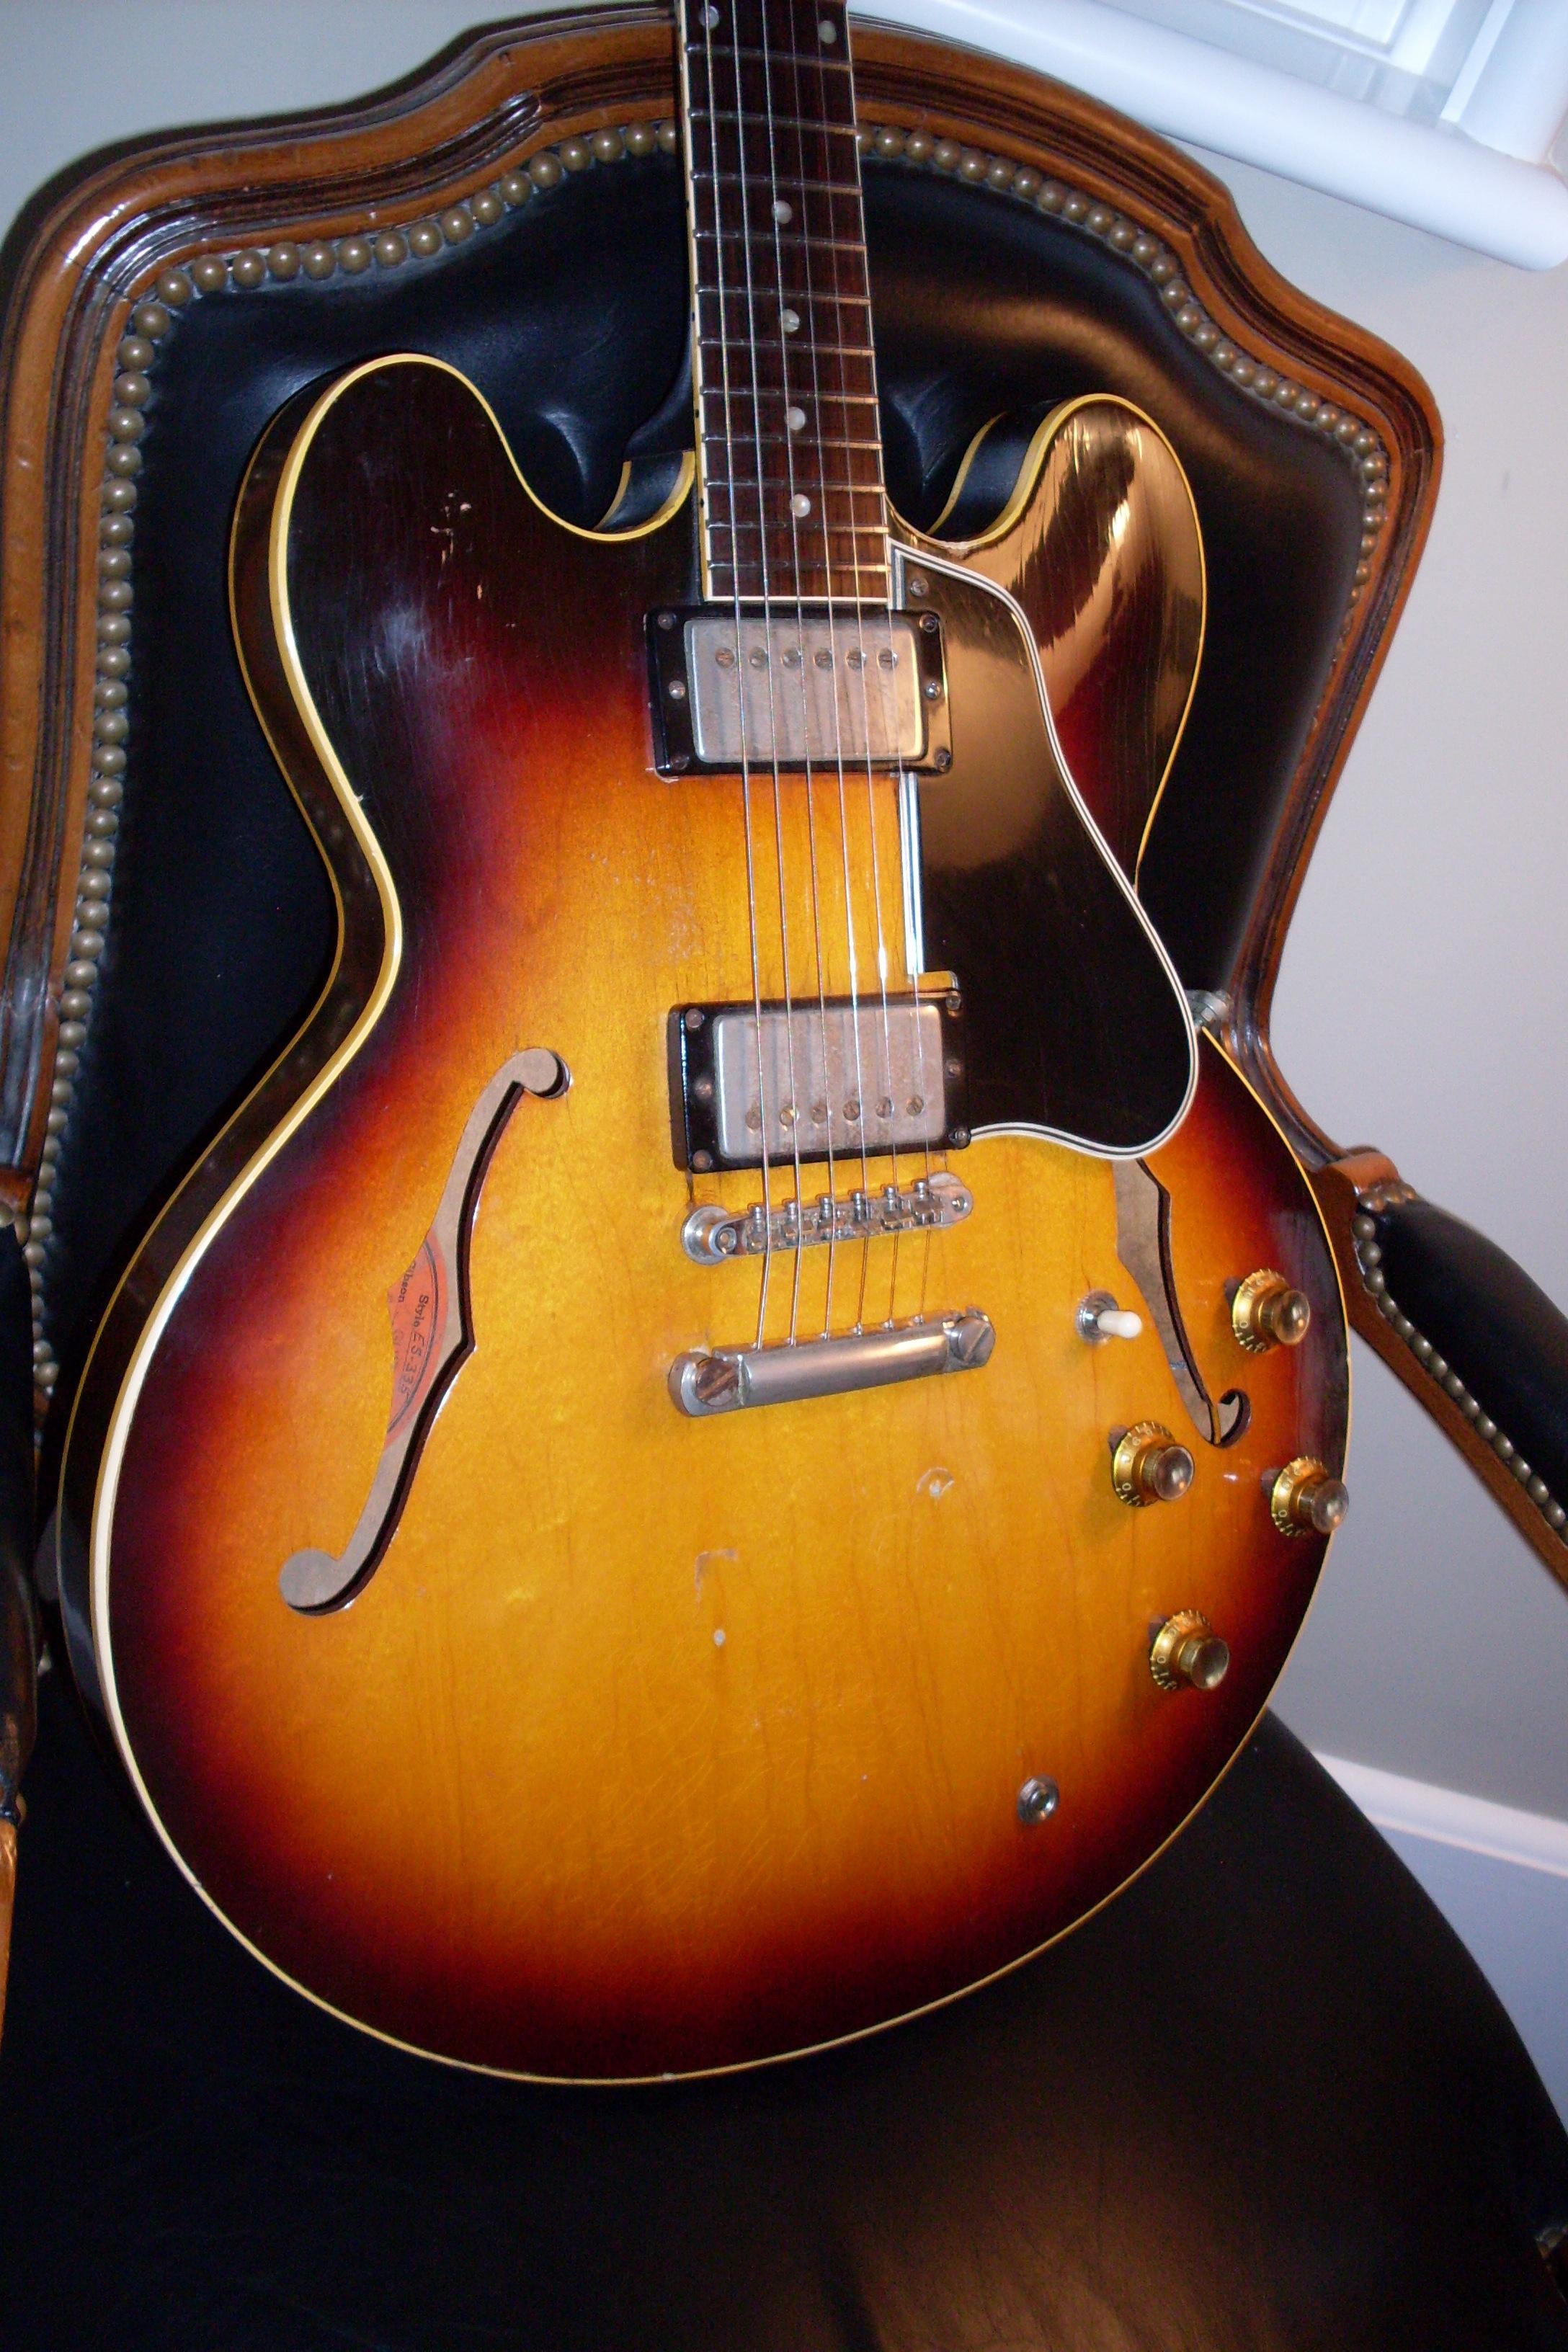 gibson es 335 1961 sunburst guitar for sale ok guitars. Black Bedroom Furniture Sets. Home Design Ideas